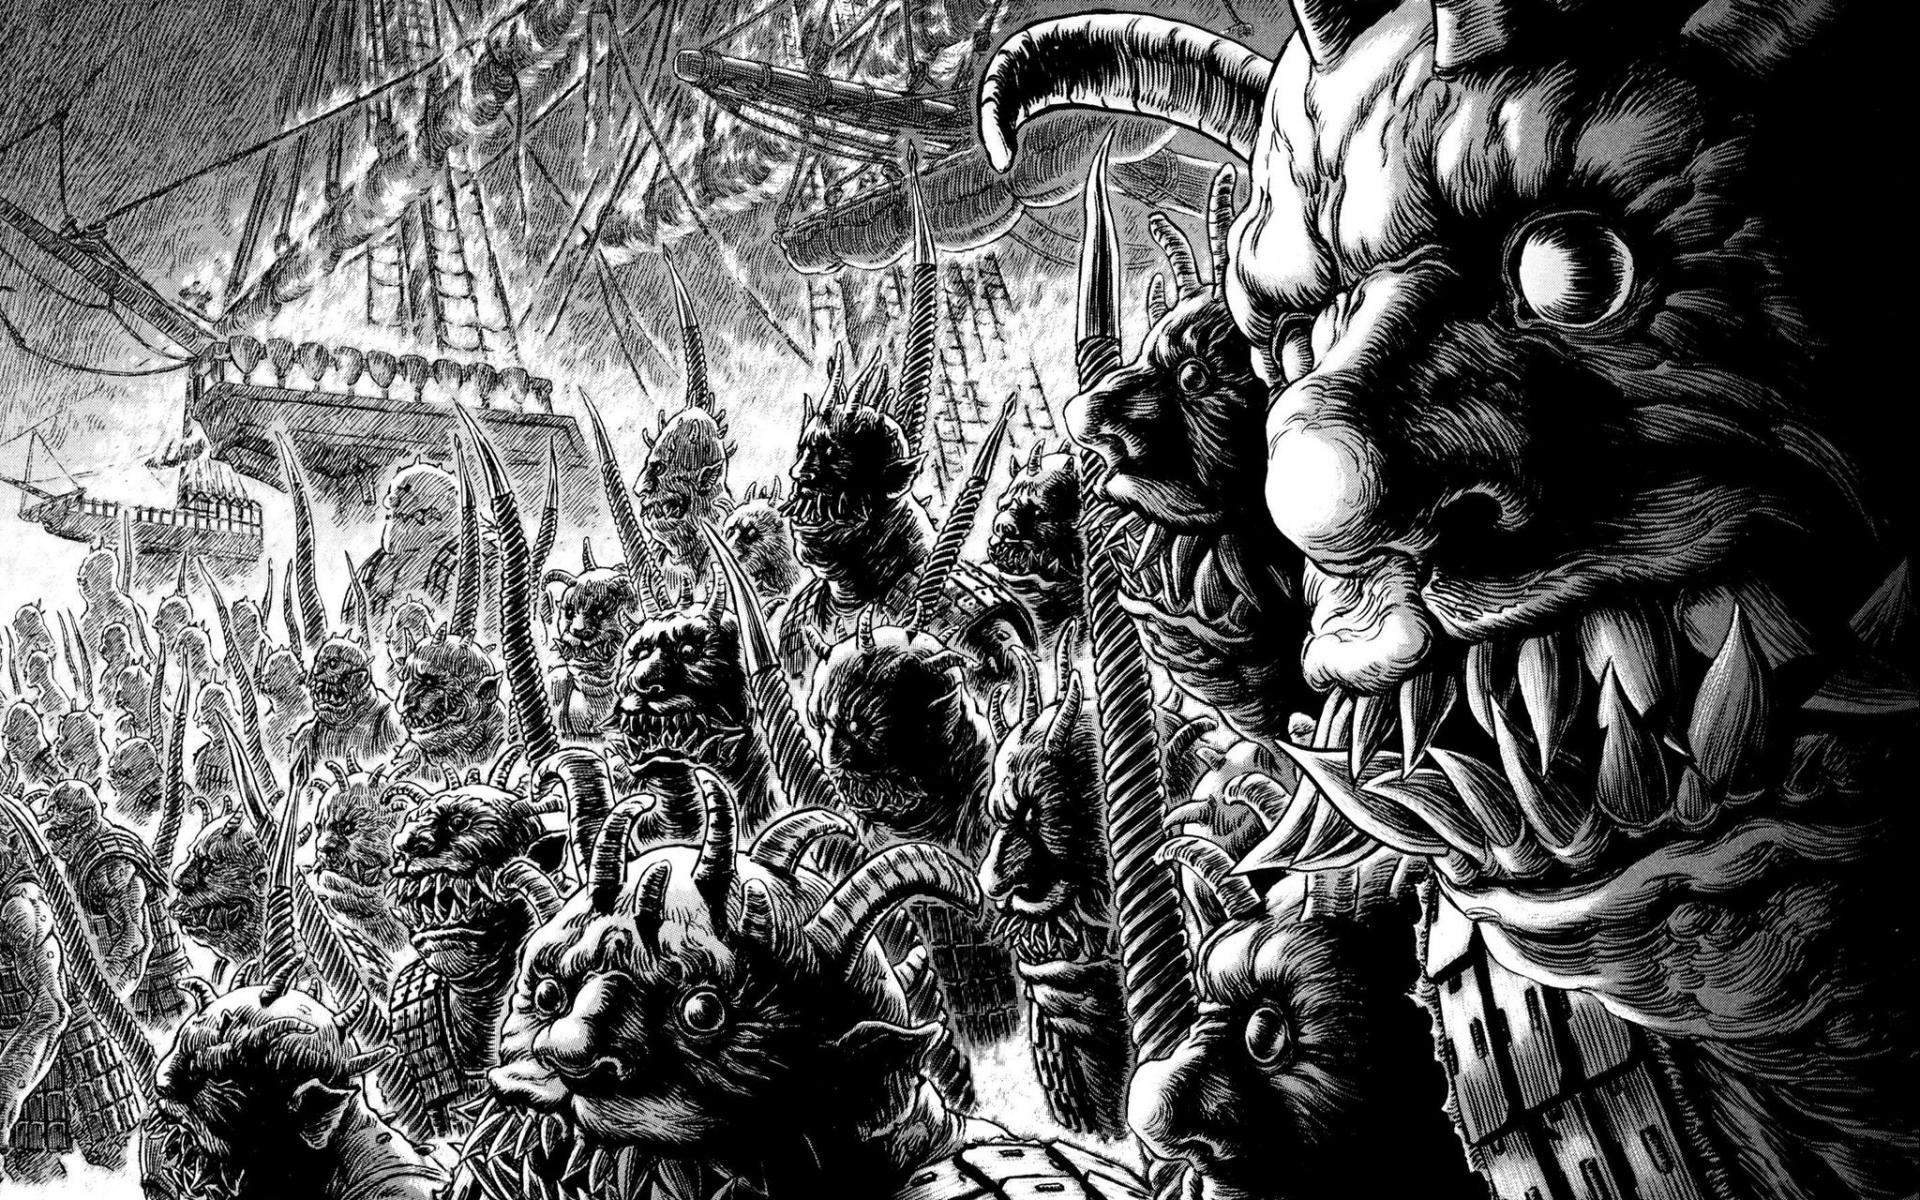 Berserk Manga Wallpaper Wallpapersafari